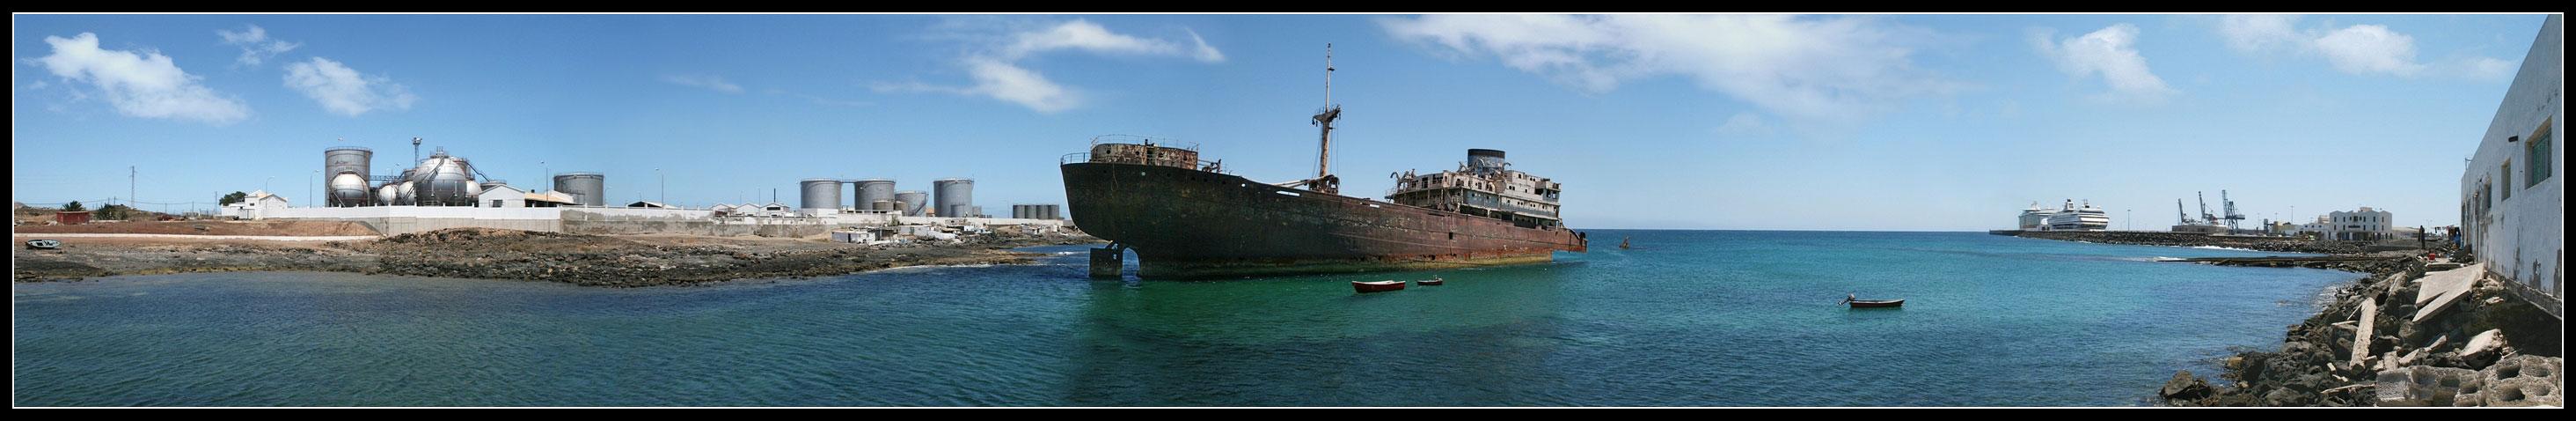 Hafen von Arrecife - Lanzarote